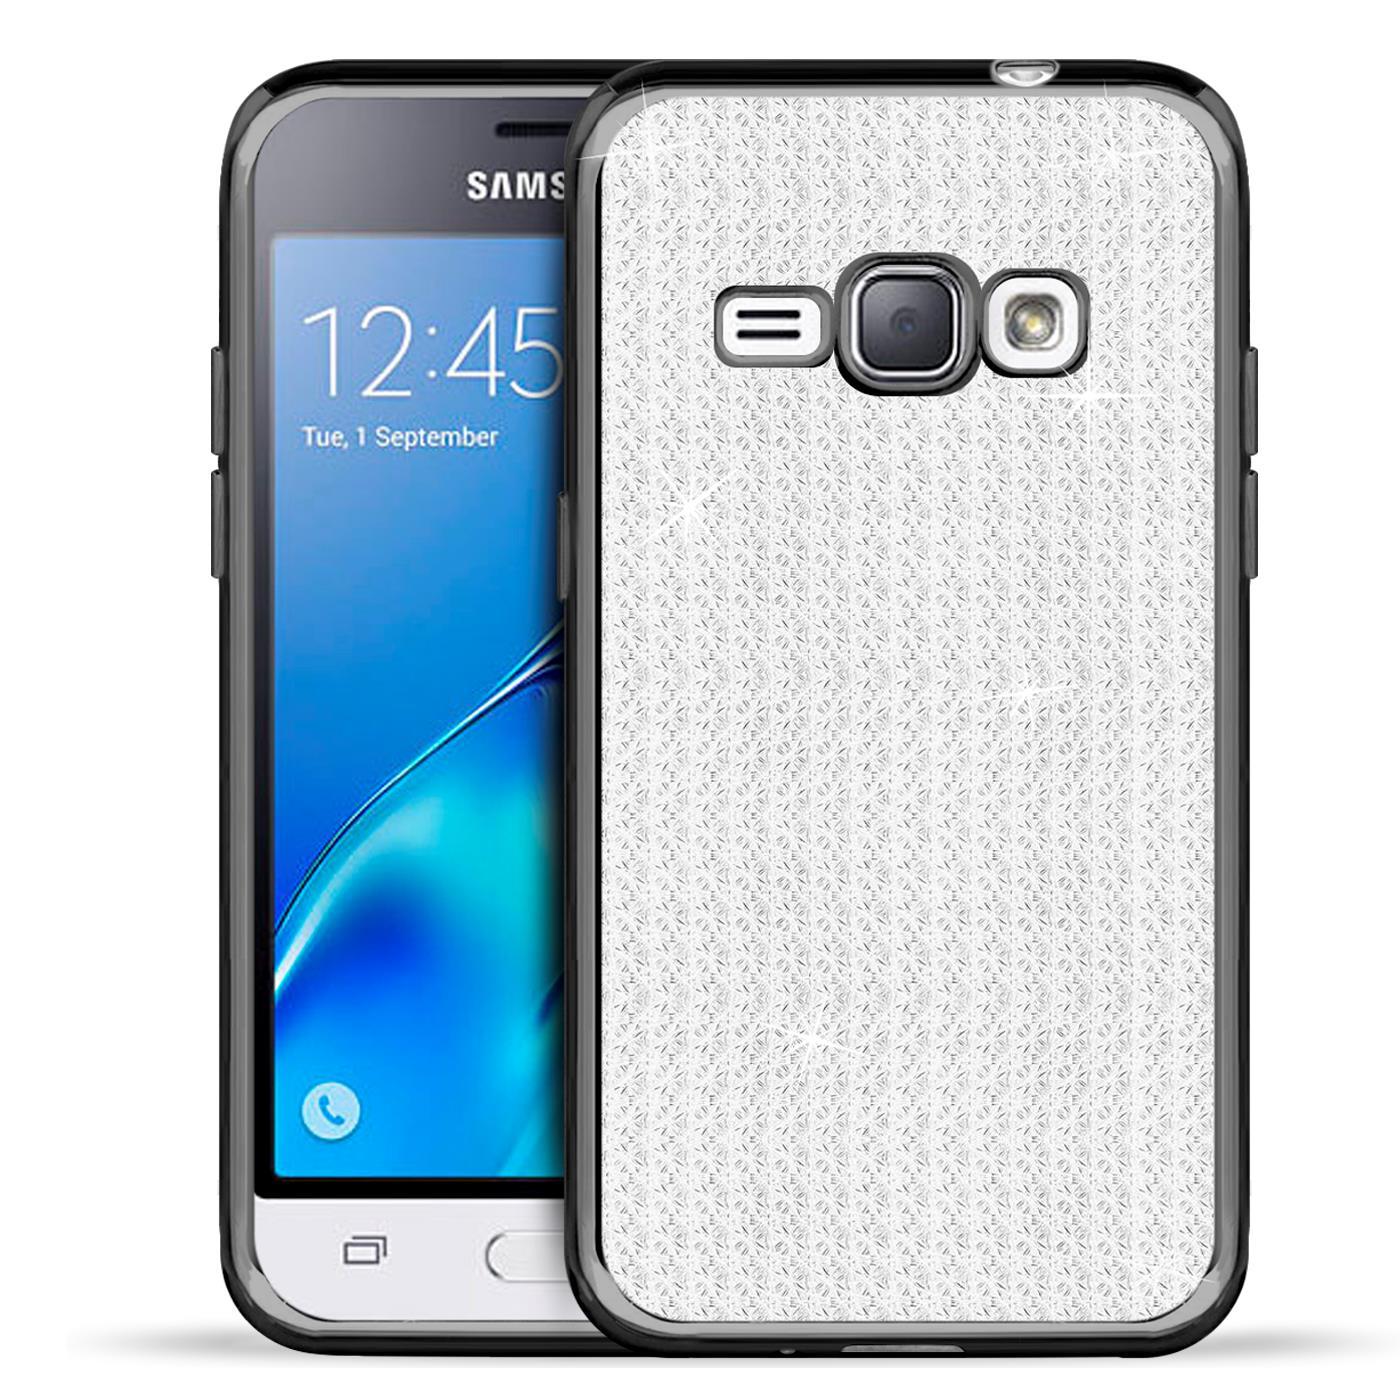 Handy-Etui-Samsung-Galaxy-J1-2016-Huelle-Glitzer-Silikon-Case-Schutz-Cover-Tasche